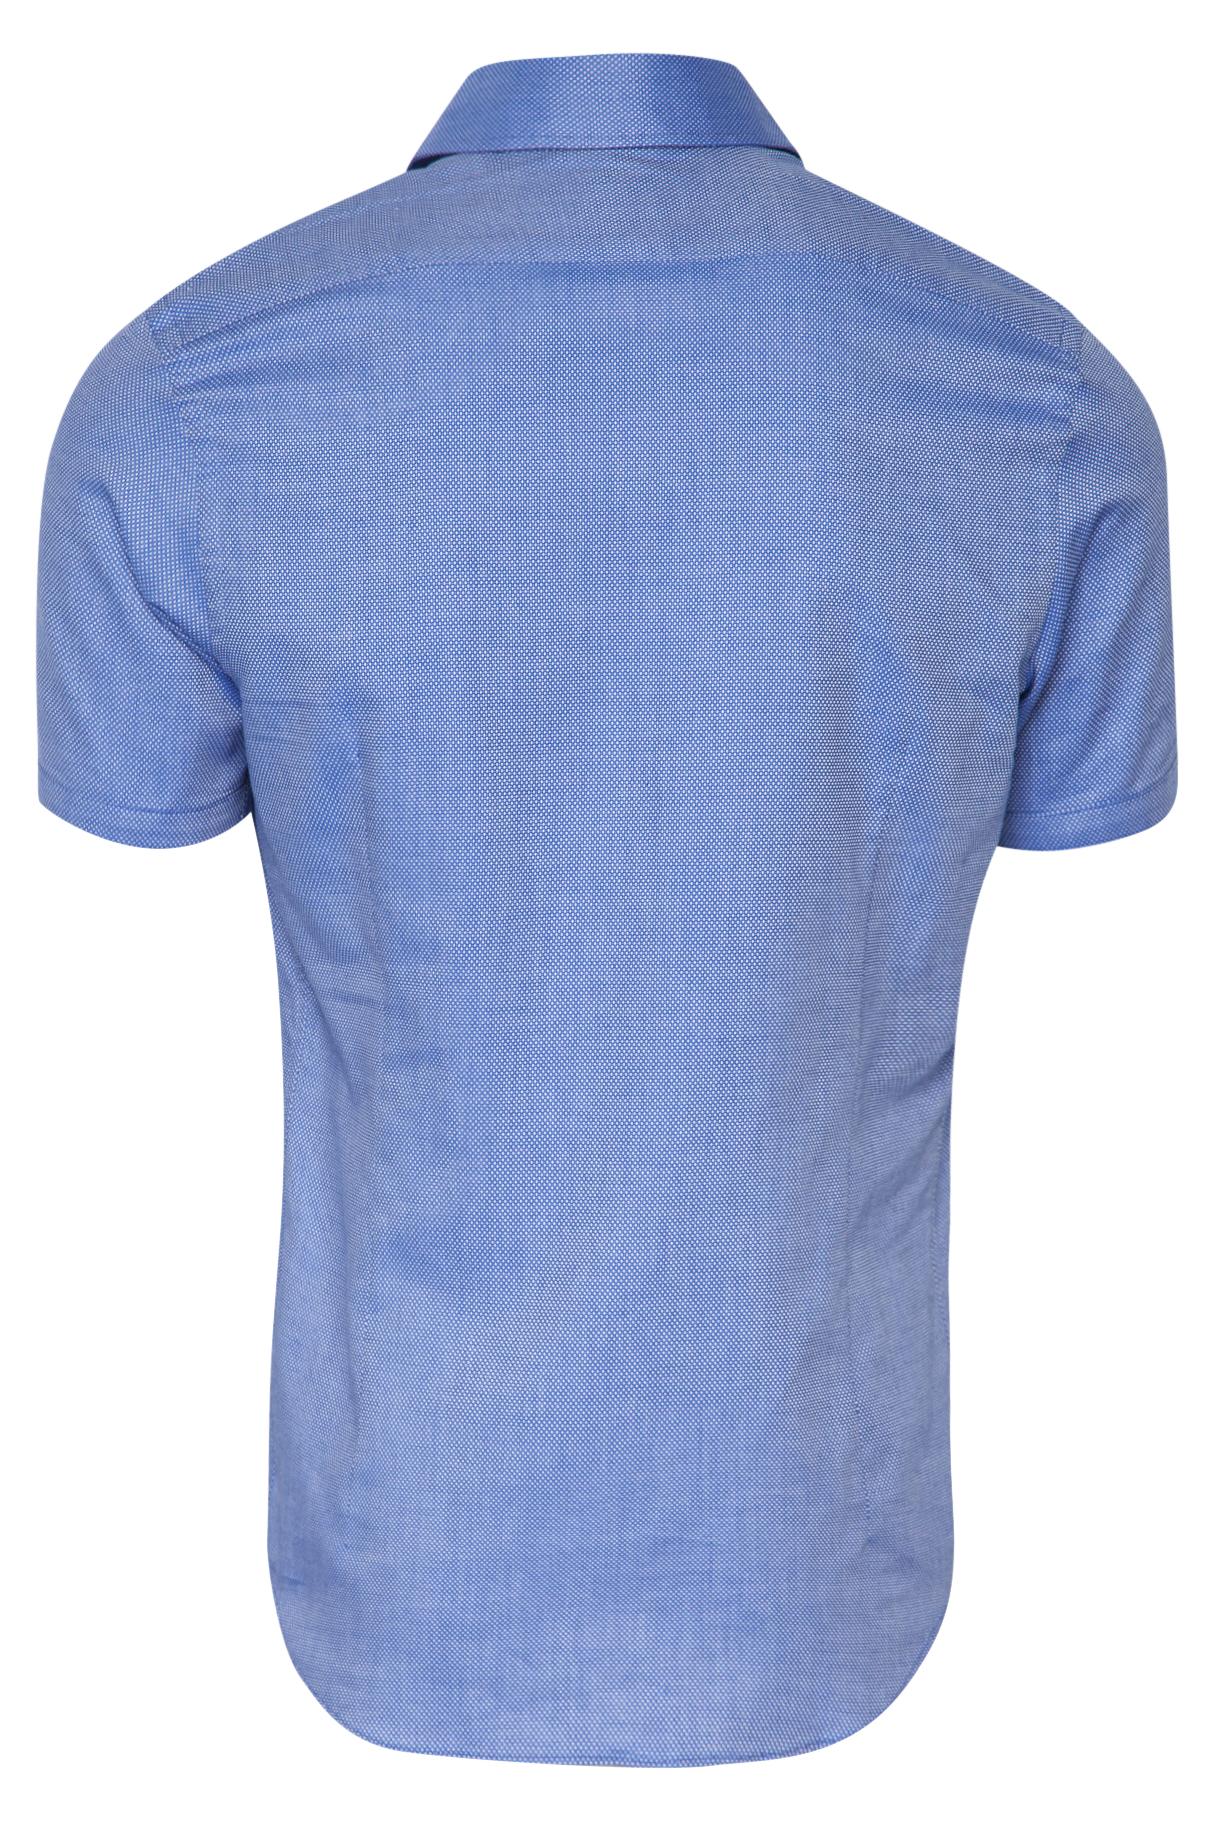 Het Overhemd.Sportique Zeewolde Heren Blauw Heren Overhemd Korte Mouw Blue